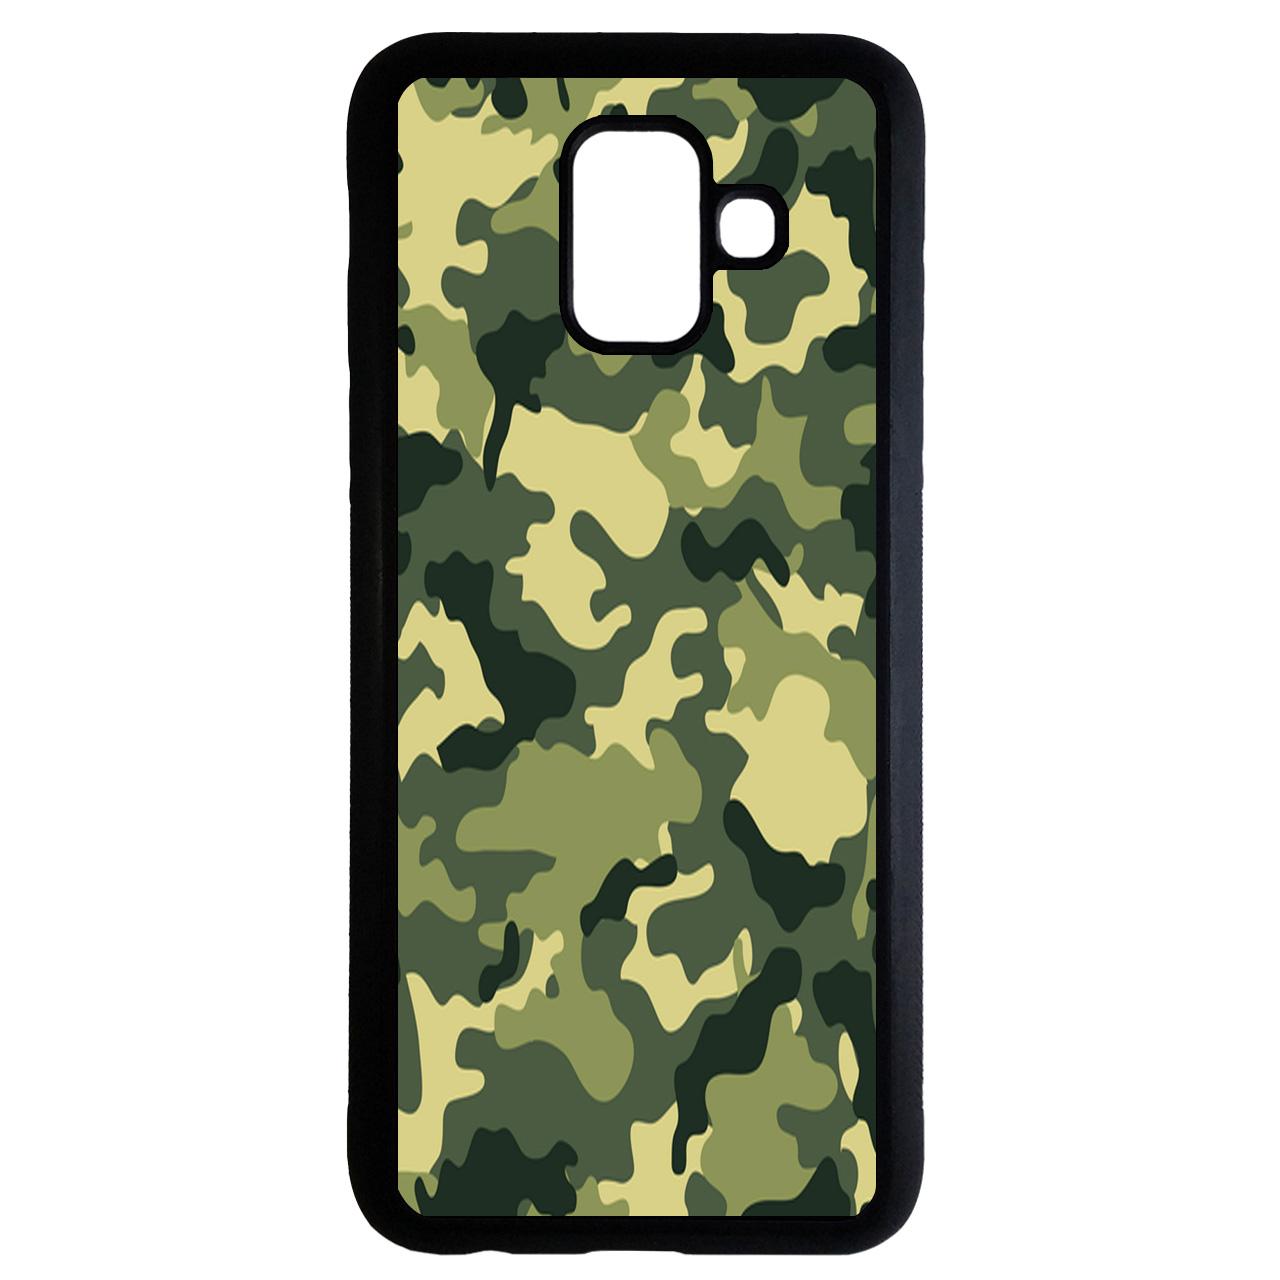 کاور طرح چریکی کد 6714 مناسب برای گوشی موبایل سامسونگ Galaxy a8 plus 2018